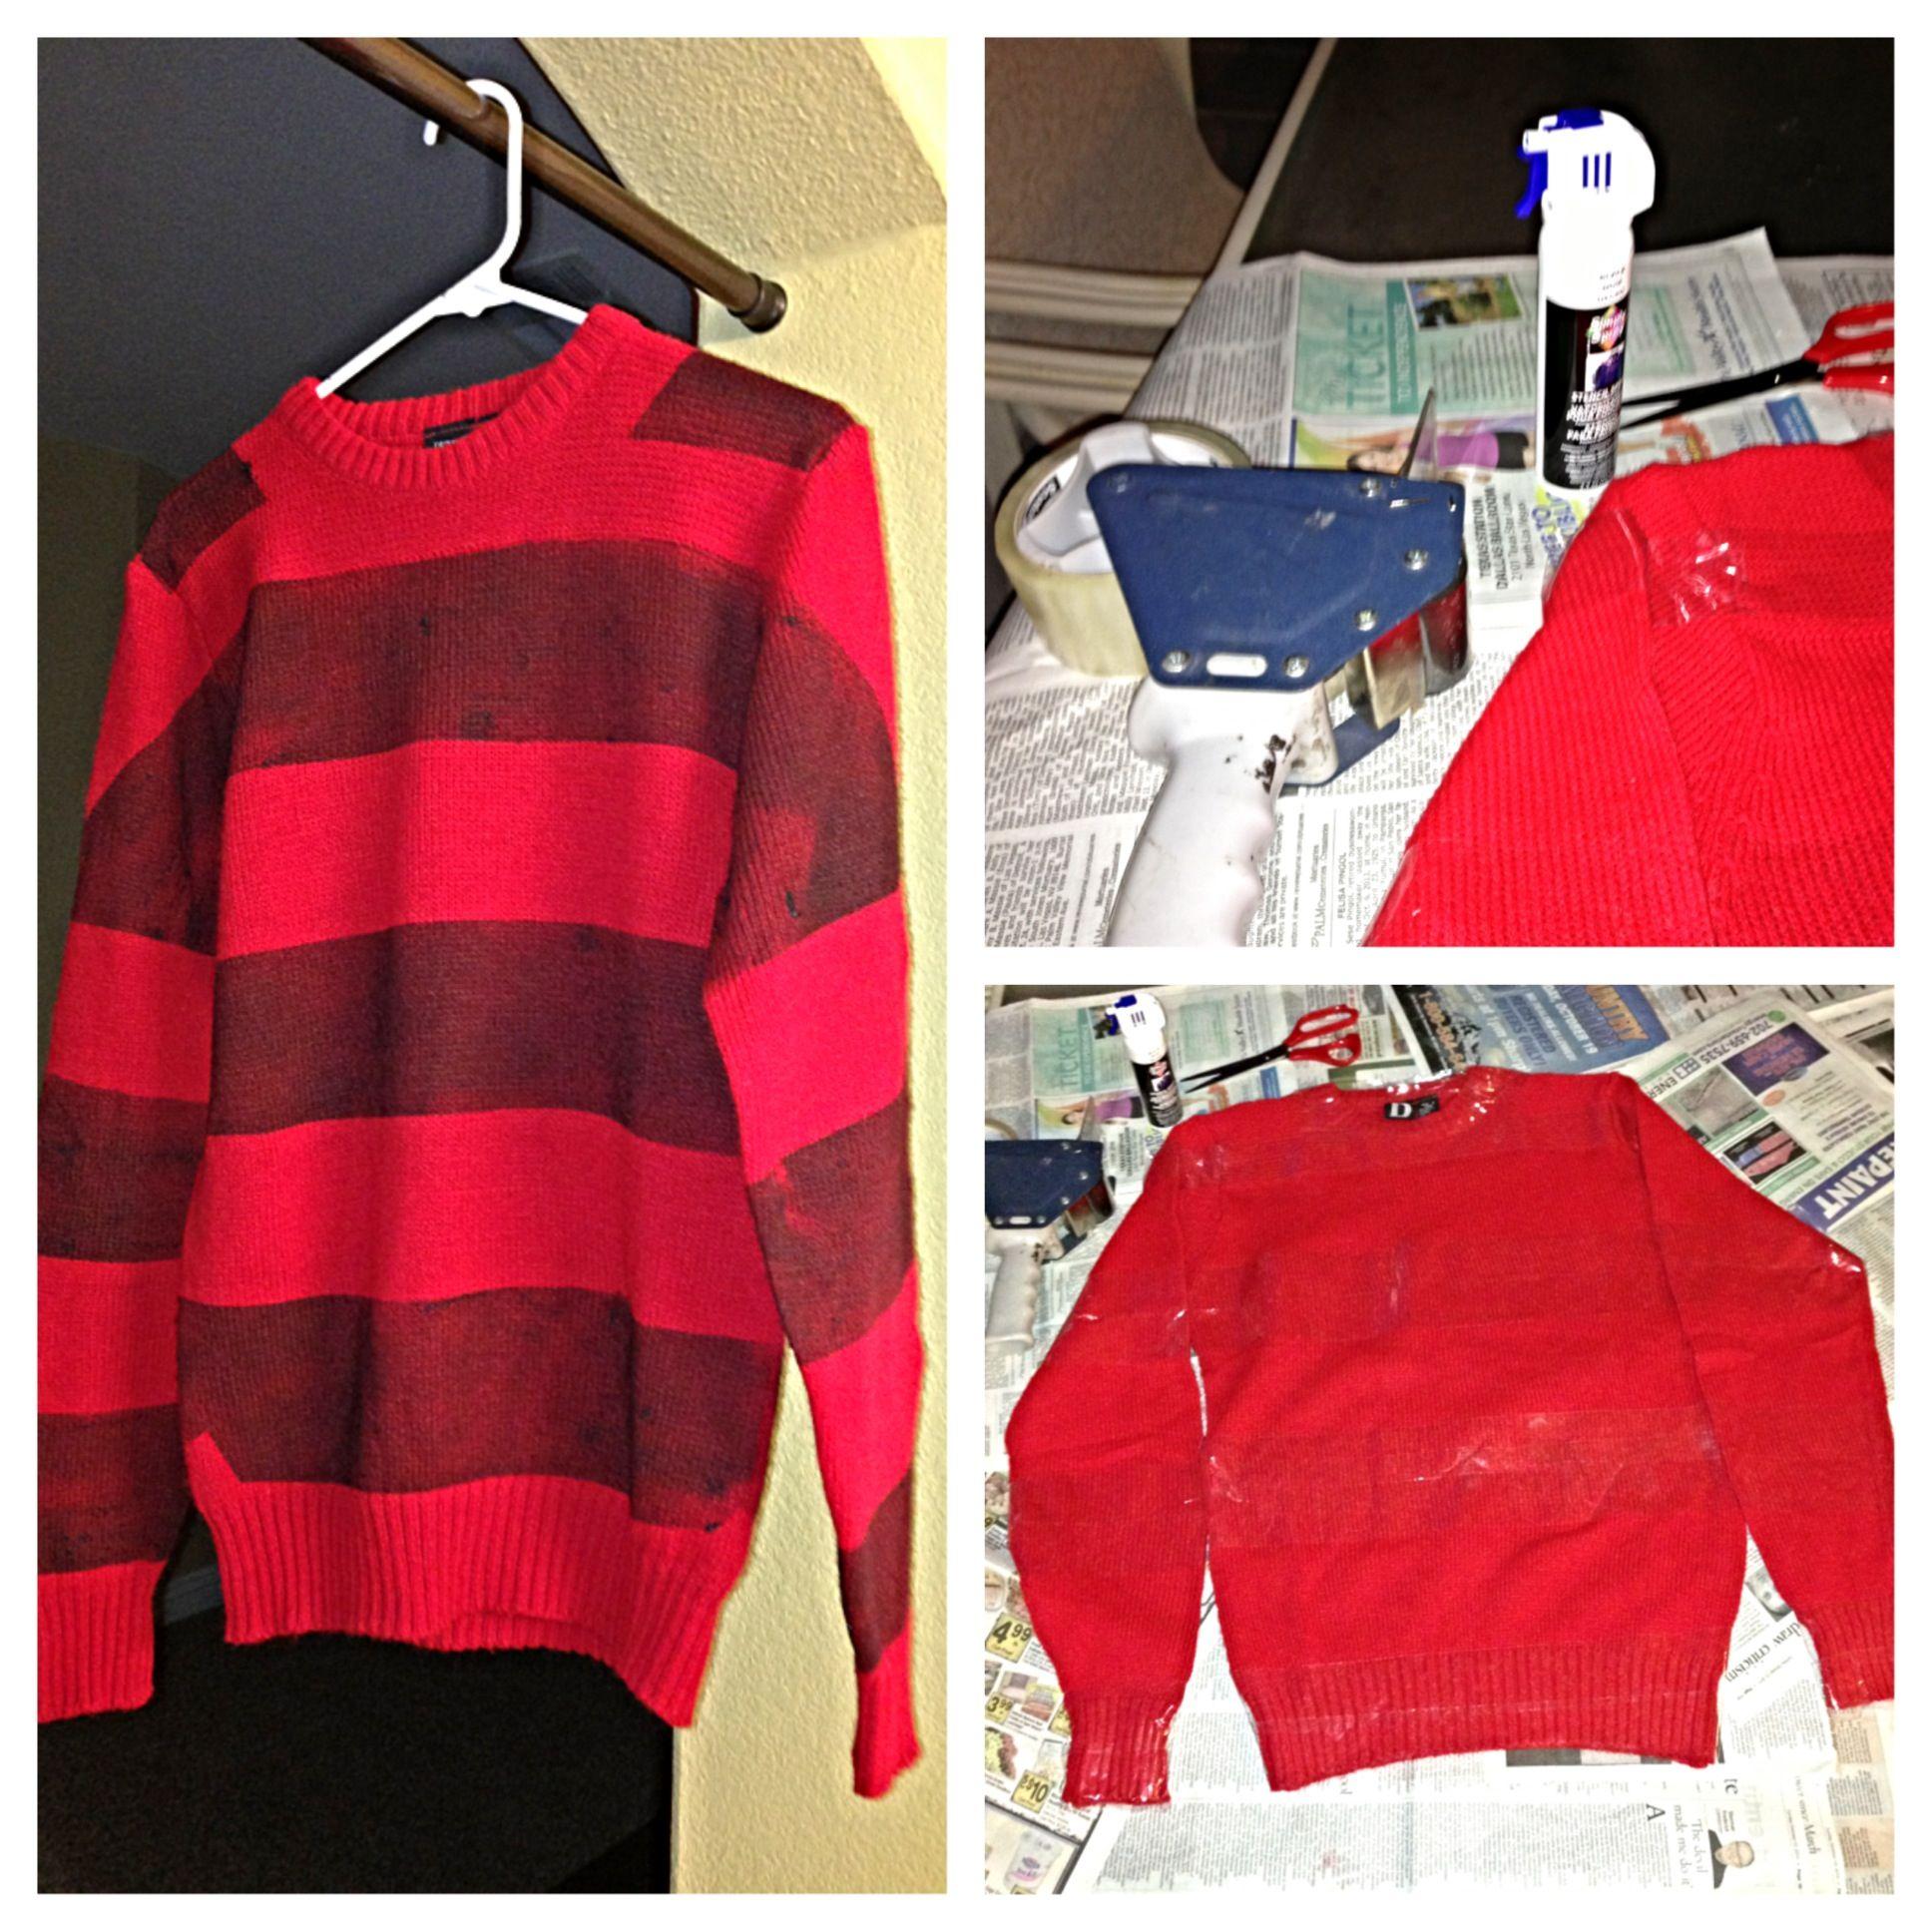 Diy Freddy Krueger Sweater Diy Crafts That I Love Freddy